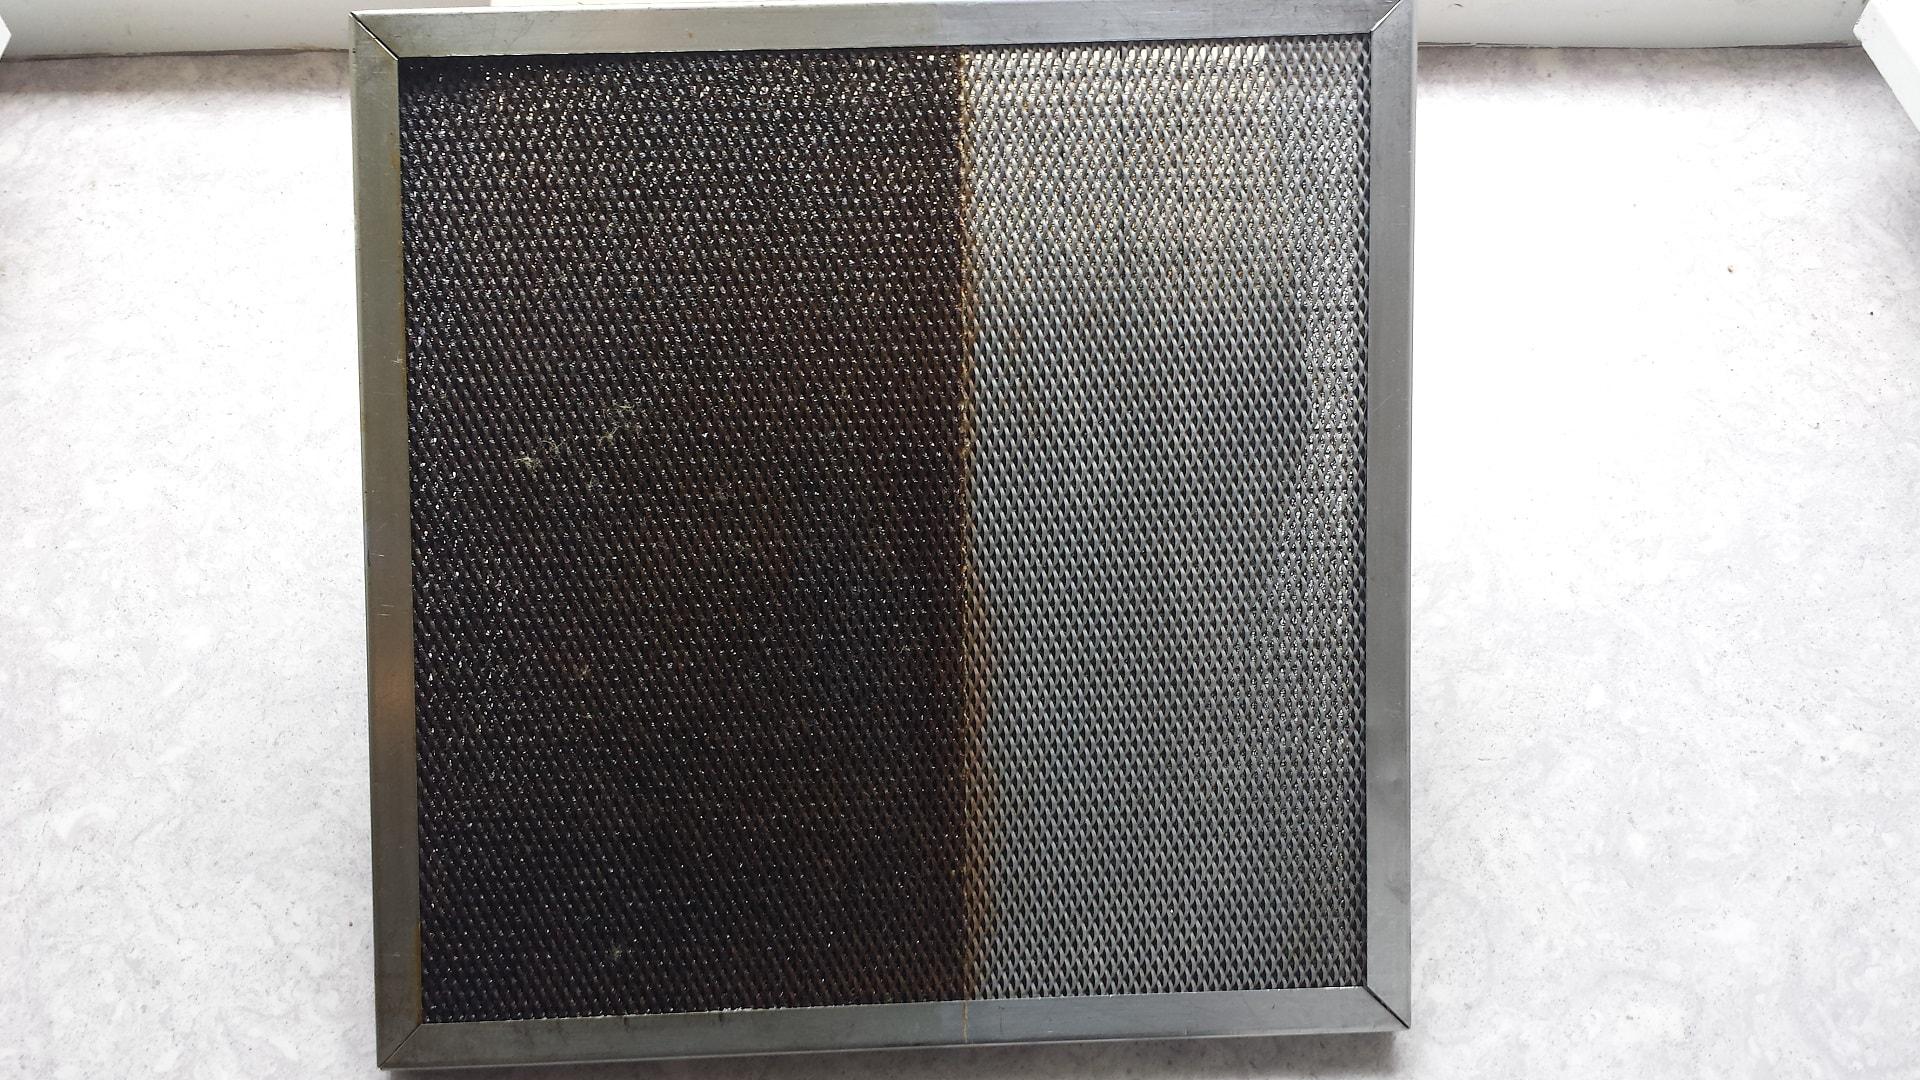 Nettoyage de hotte de cuisine de restaurant amazing nettoyer filtre hotte dans bassine dueau - Nettoyer filtre hotte bicarbonate ...